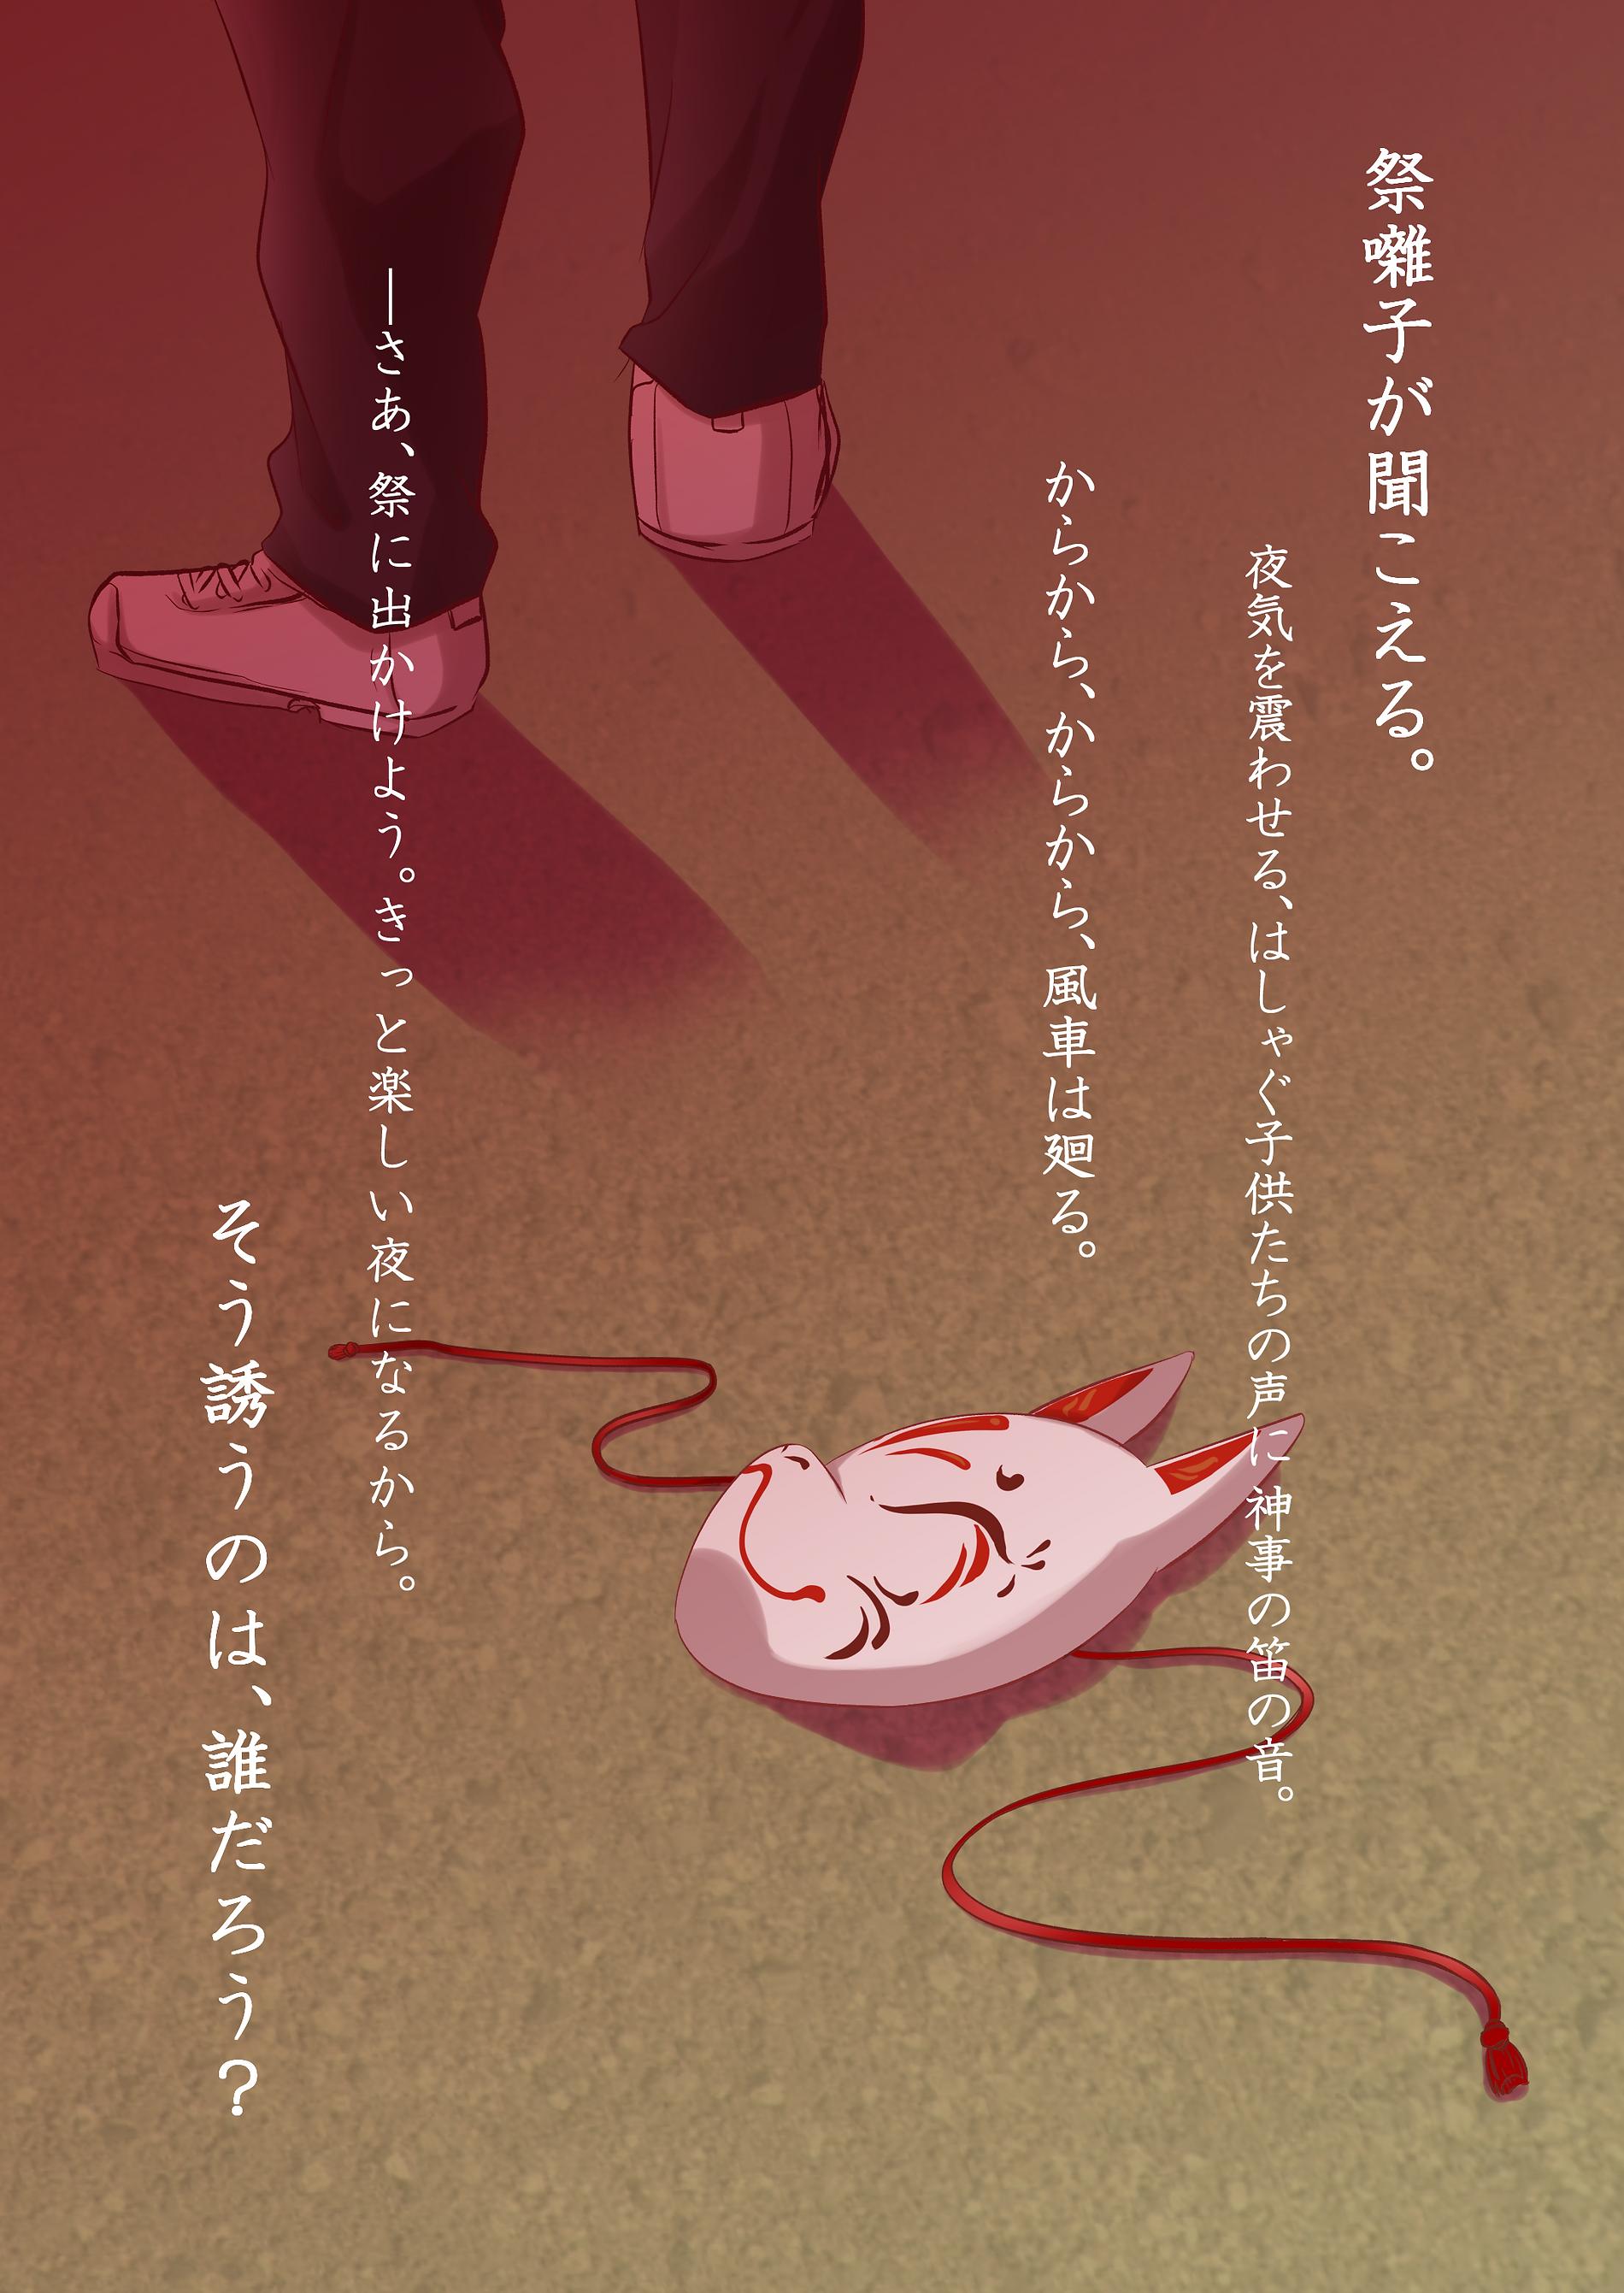 狐花〜愛し憎しと似た心〜